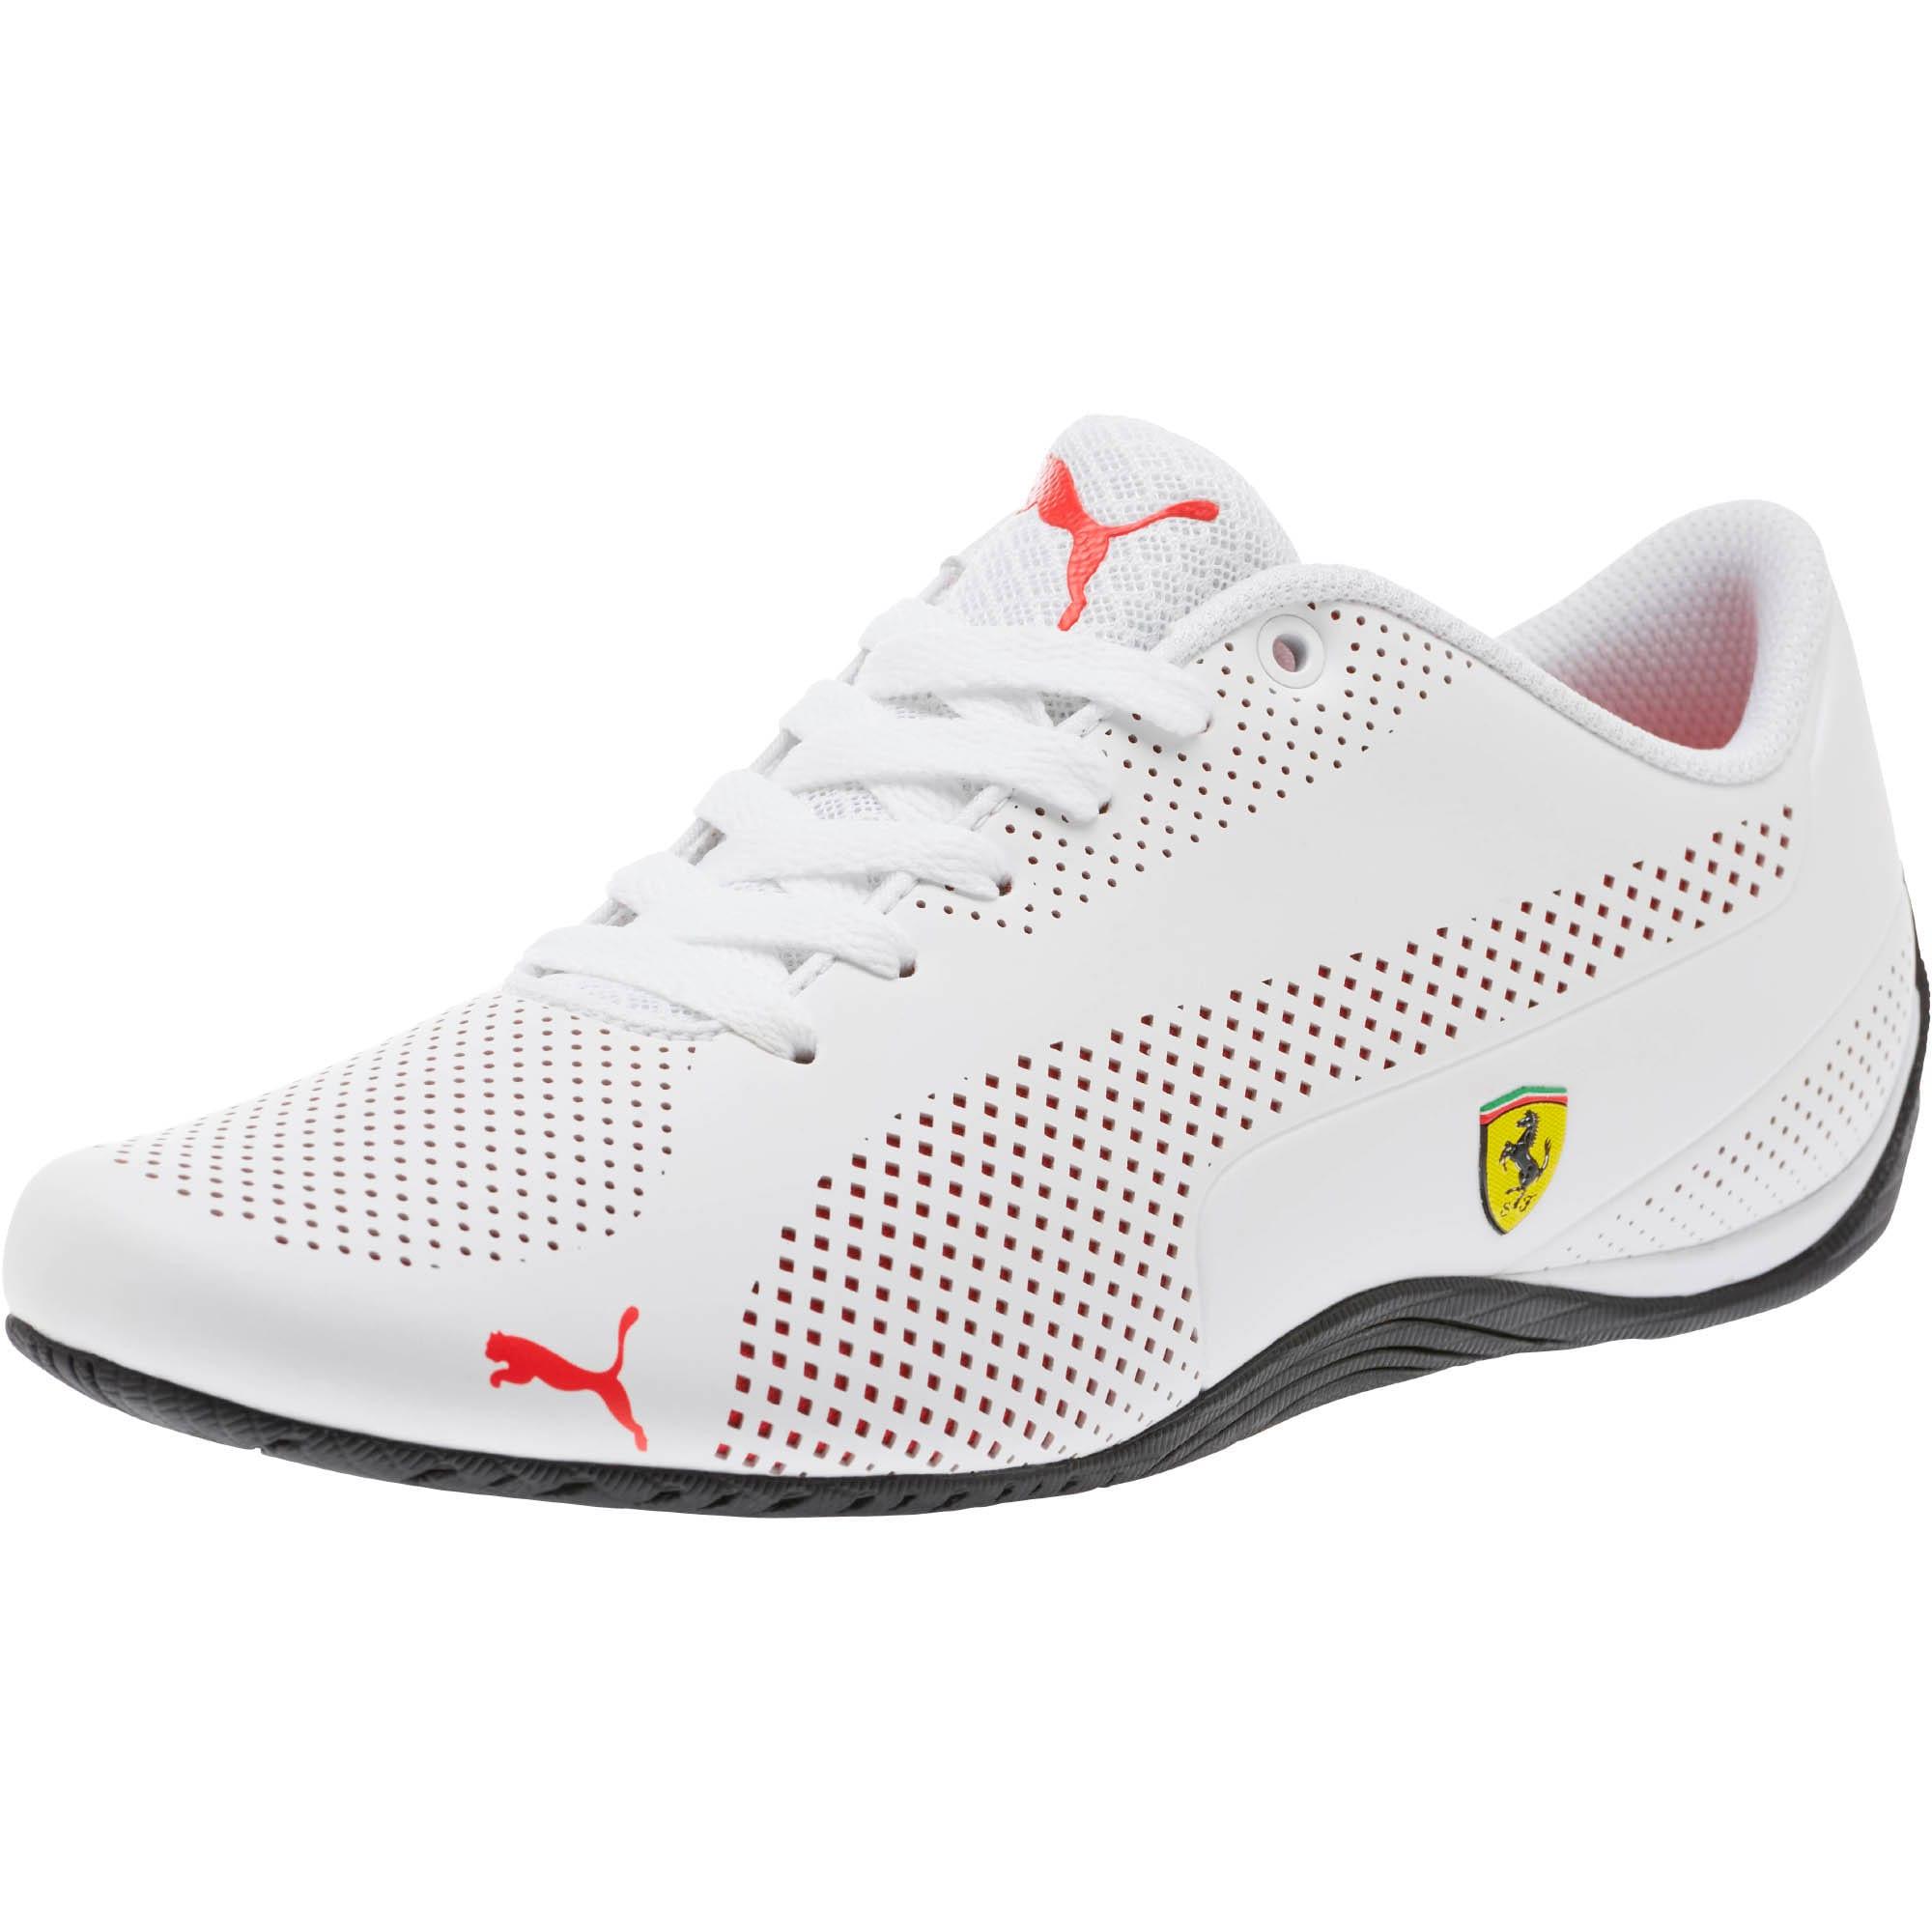 Miniatura 1 de Zapatos Scuderia Ferrari Drift Cat 5 Ultra, Puma White-Rosso Corsa-Black, mediano